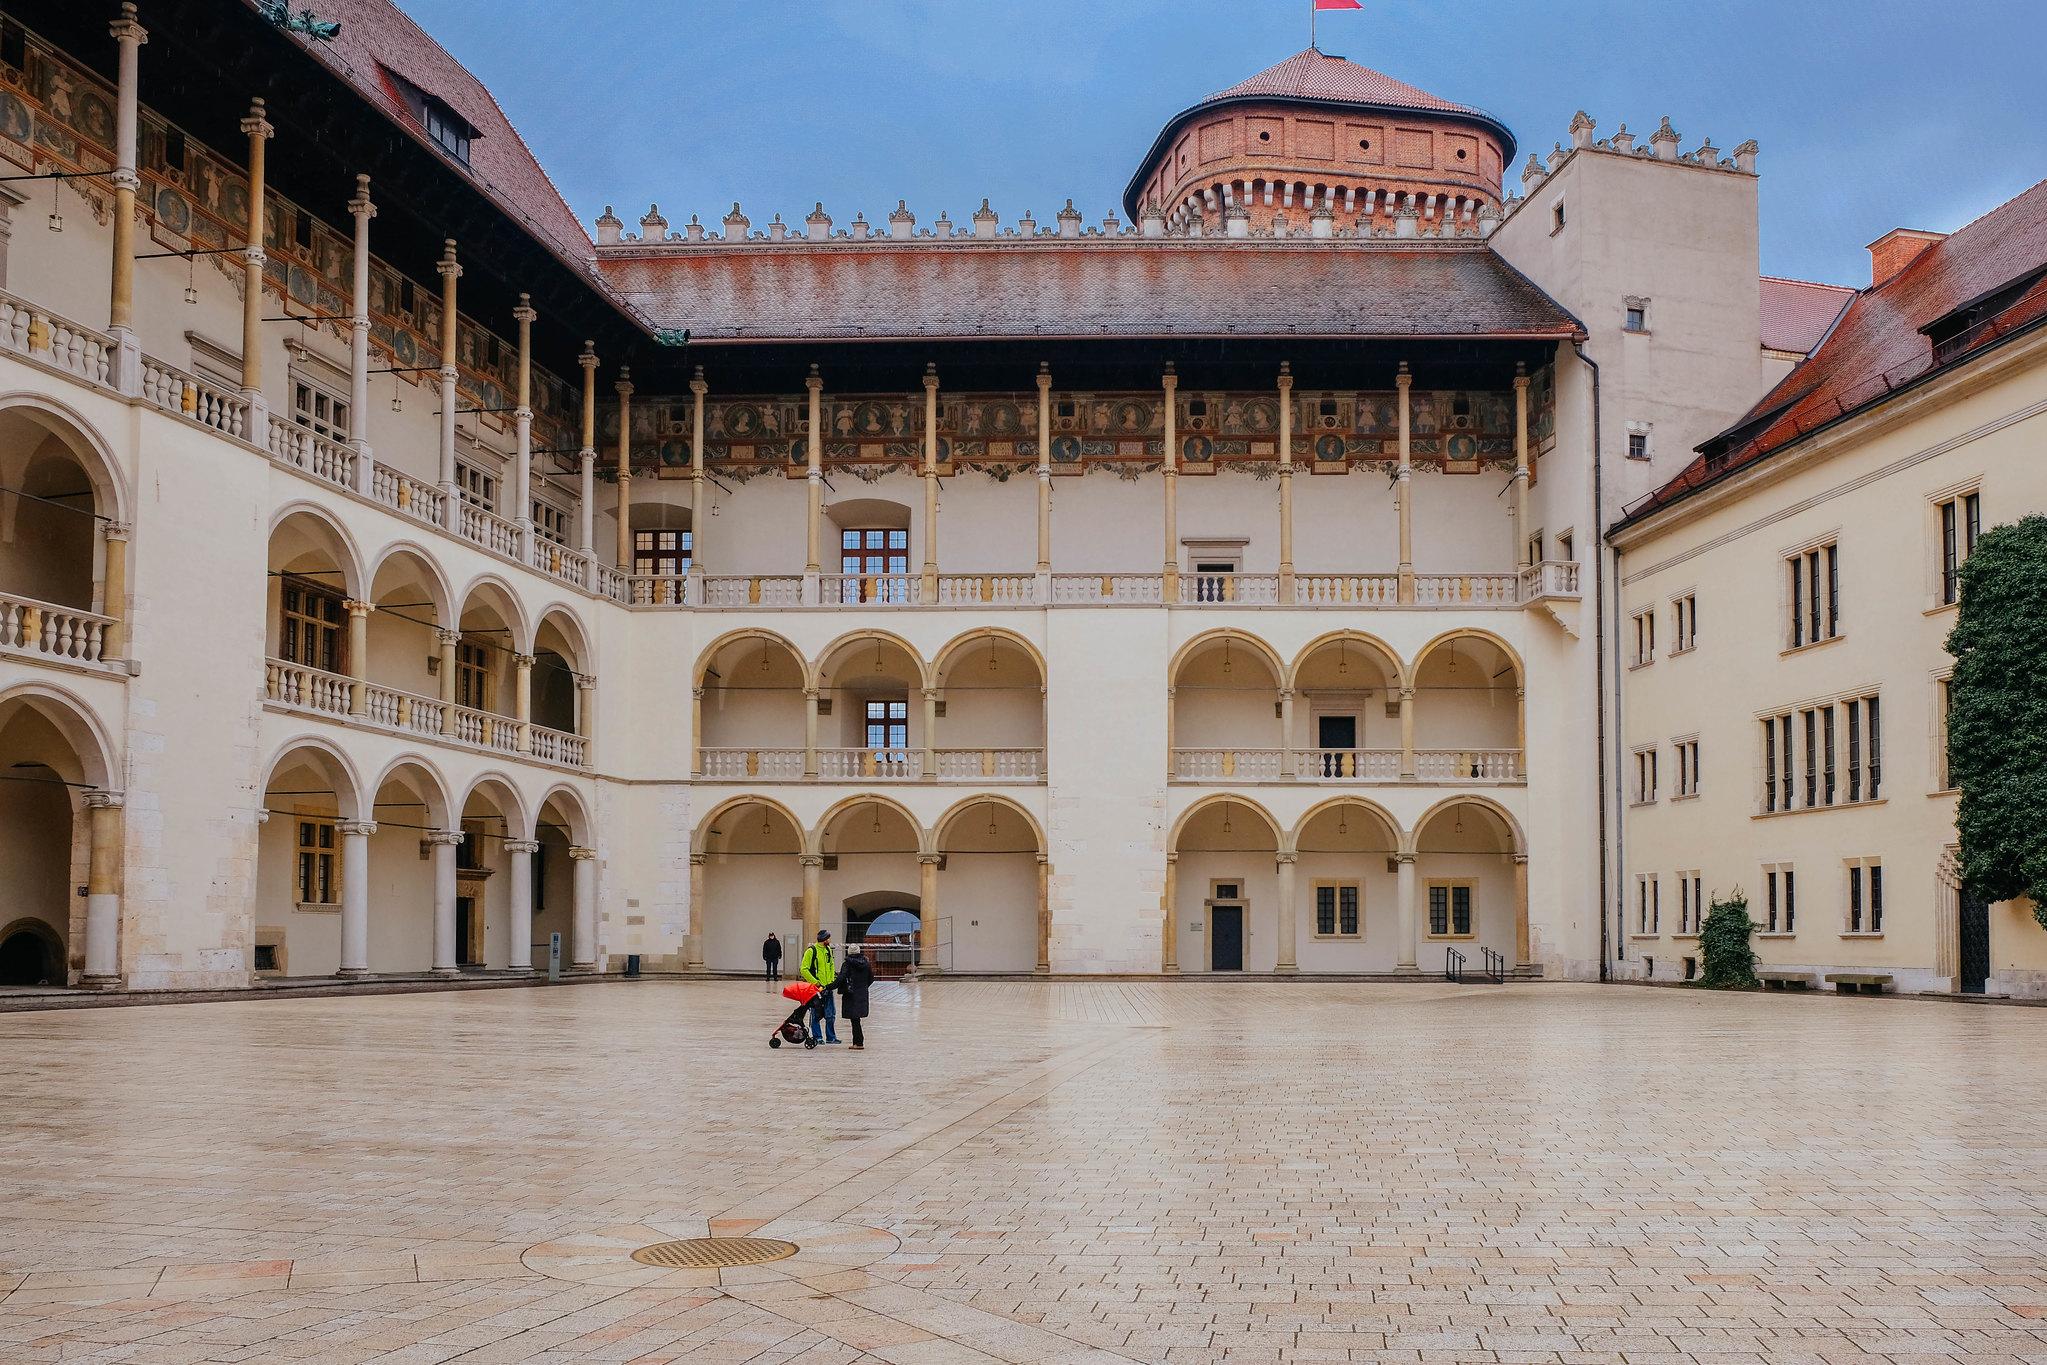 Inside Wawel Castle